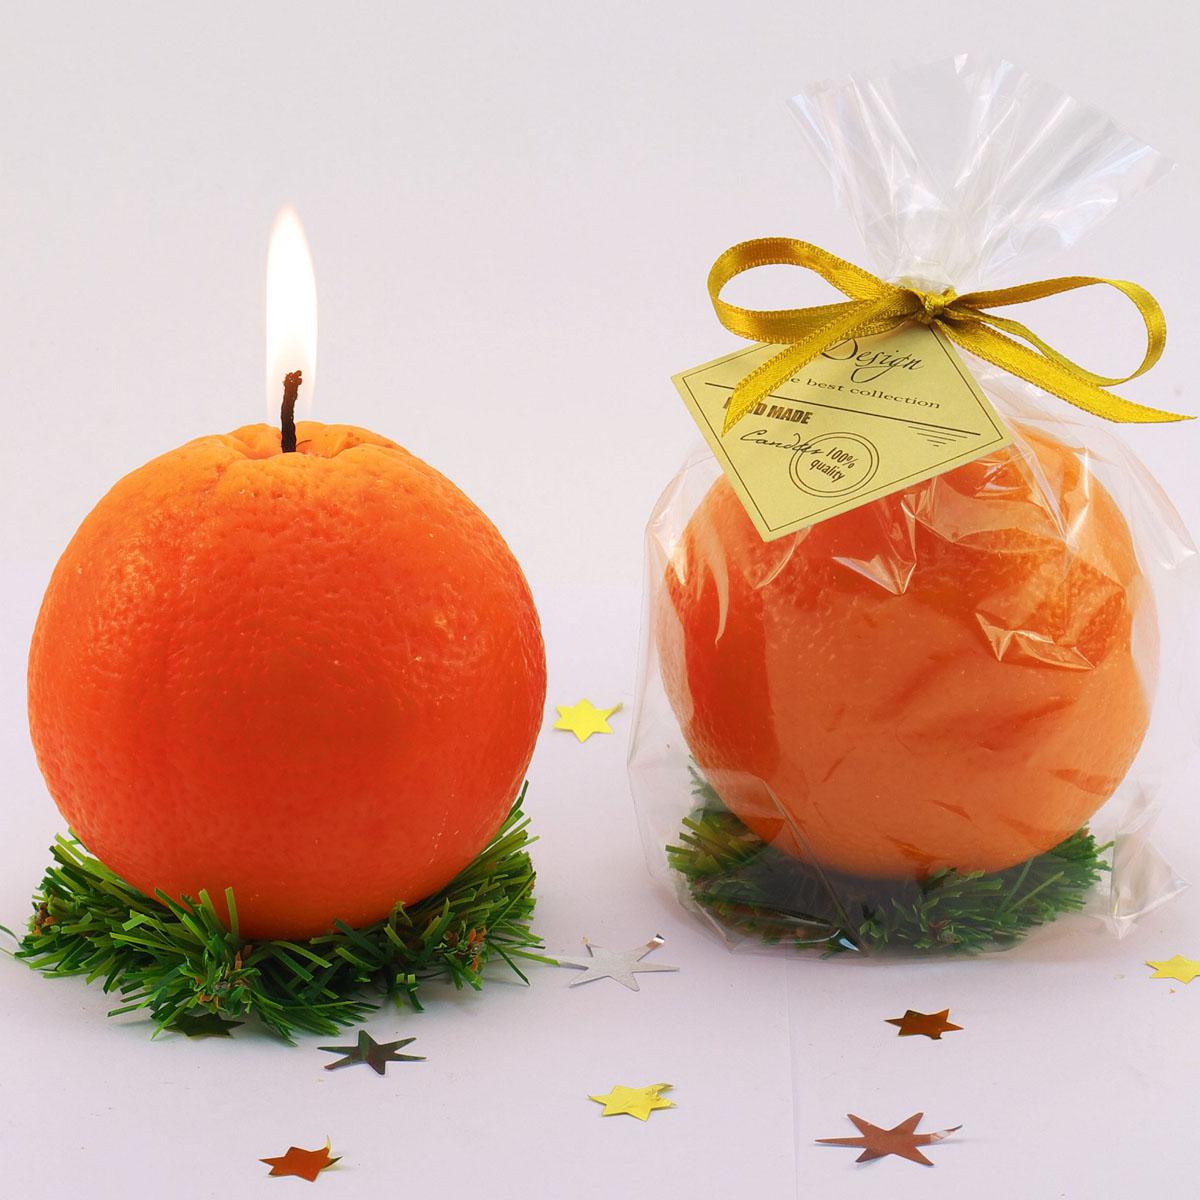 Декоративная свеча Новогодний апельсин. 769794769794Декоративная свеча Новогодний апельсин, изготовленная из парафина, выполнена в виде большого апельсина на веточке ели. Свеча будет вас радовать в новогоднюю ночь и достойно украсит интерьер. Вы можете поставить свечу в любом месте, где она будет удачно смотреться, и радовать глаз. Кроме того, эта свеча - отличный вариант подарка для ваших близких и друзей.Материал: парафин. Диаметр свечи: 9 см.